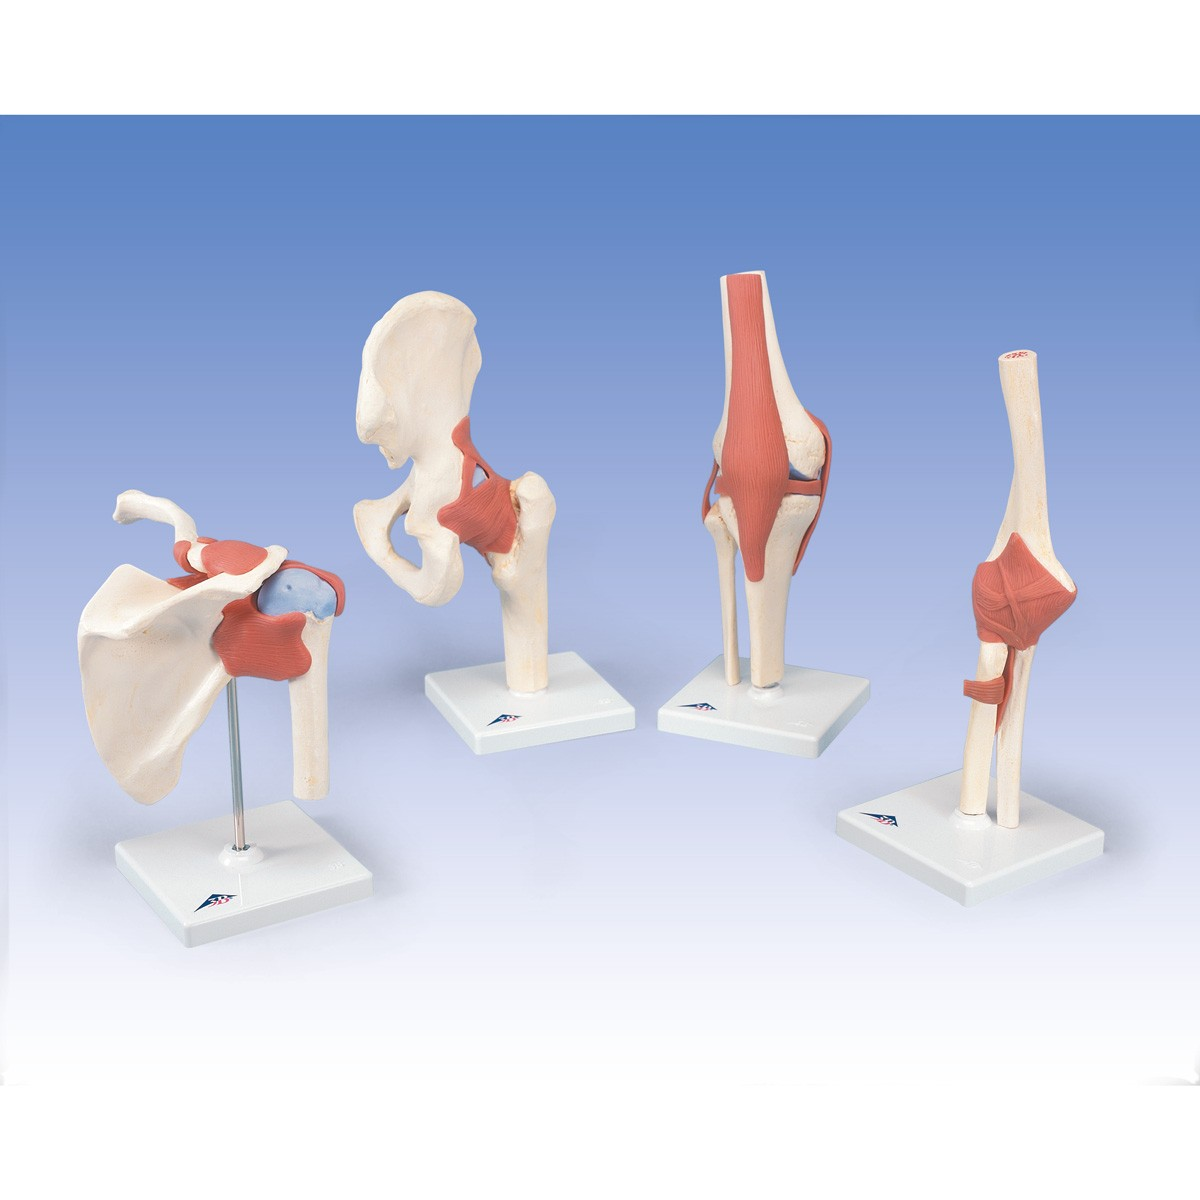 Luxus Schultergelenk-Funktionsmodell